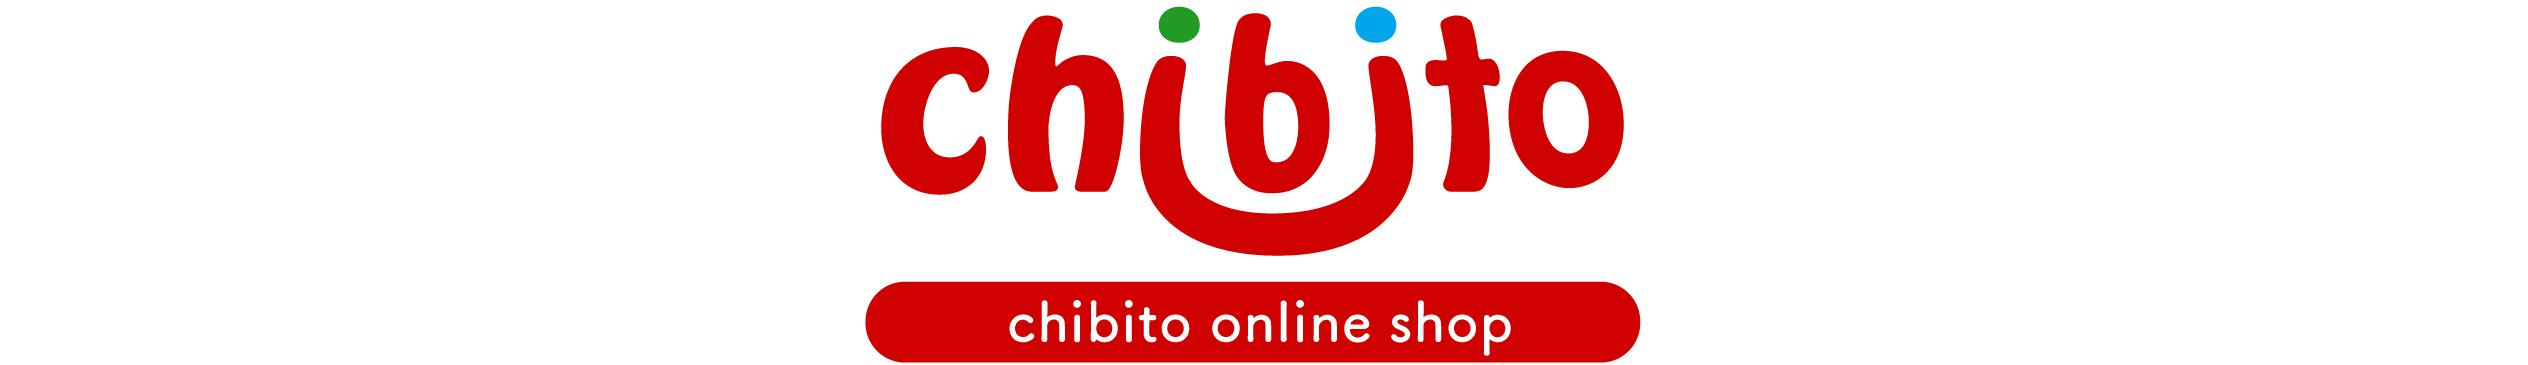 chibito